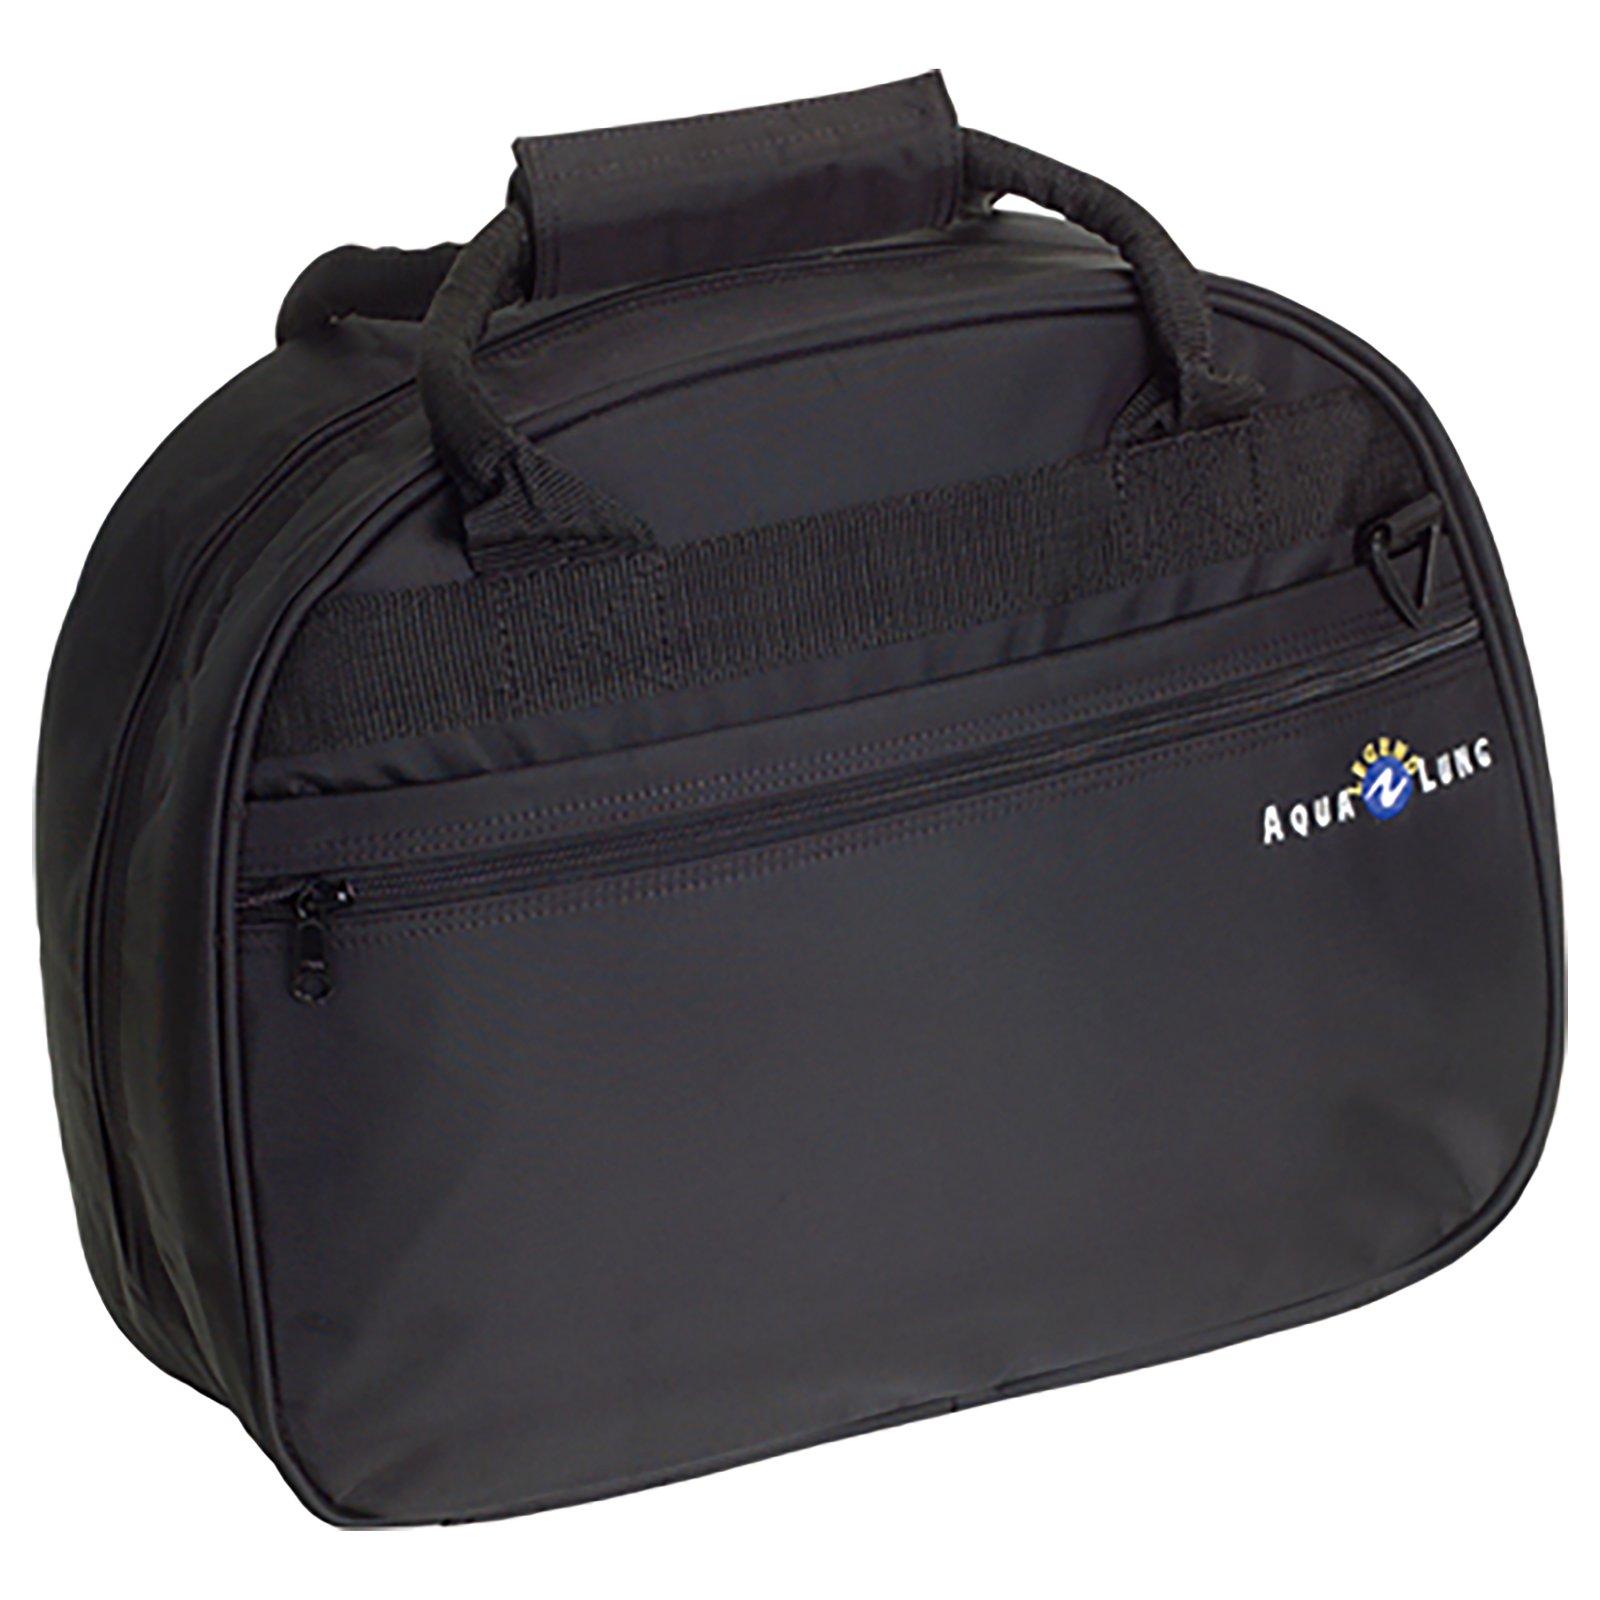 Aqualung Legend Regulator Bag